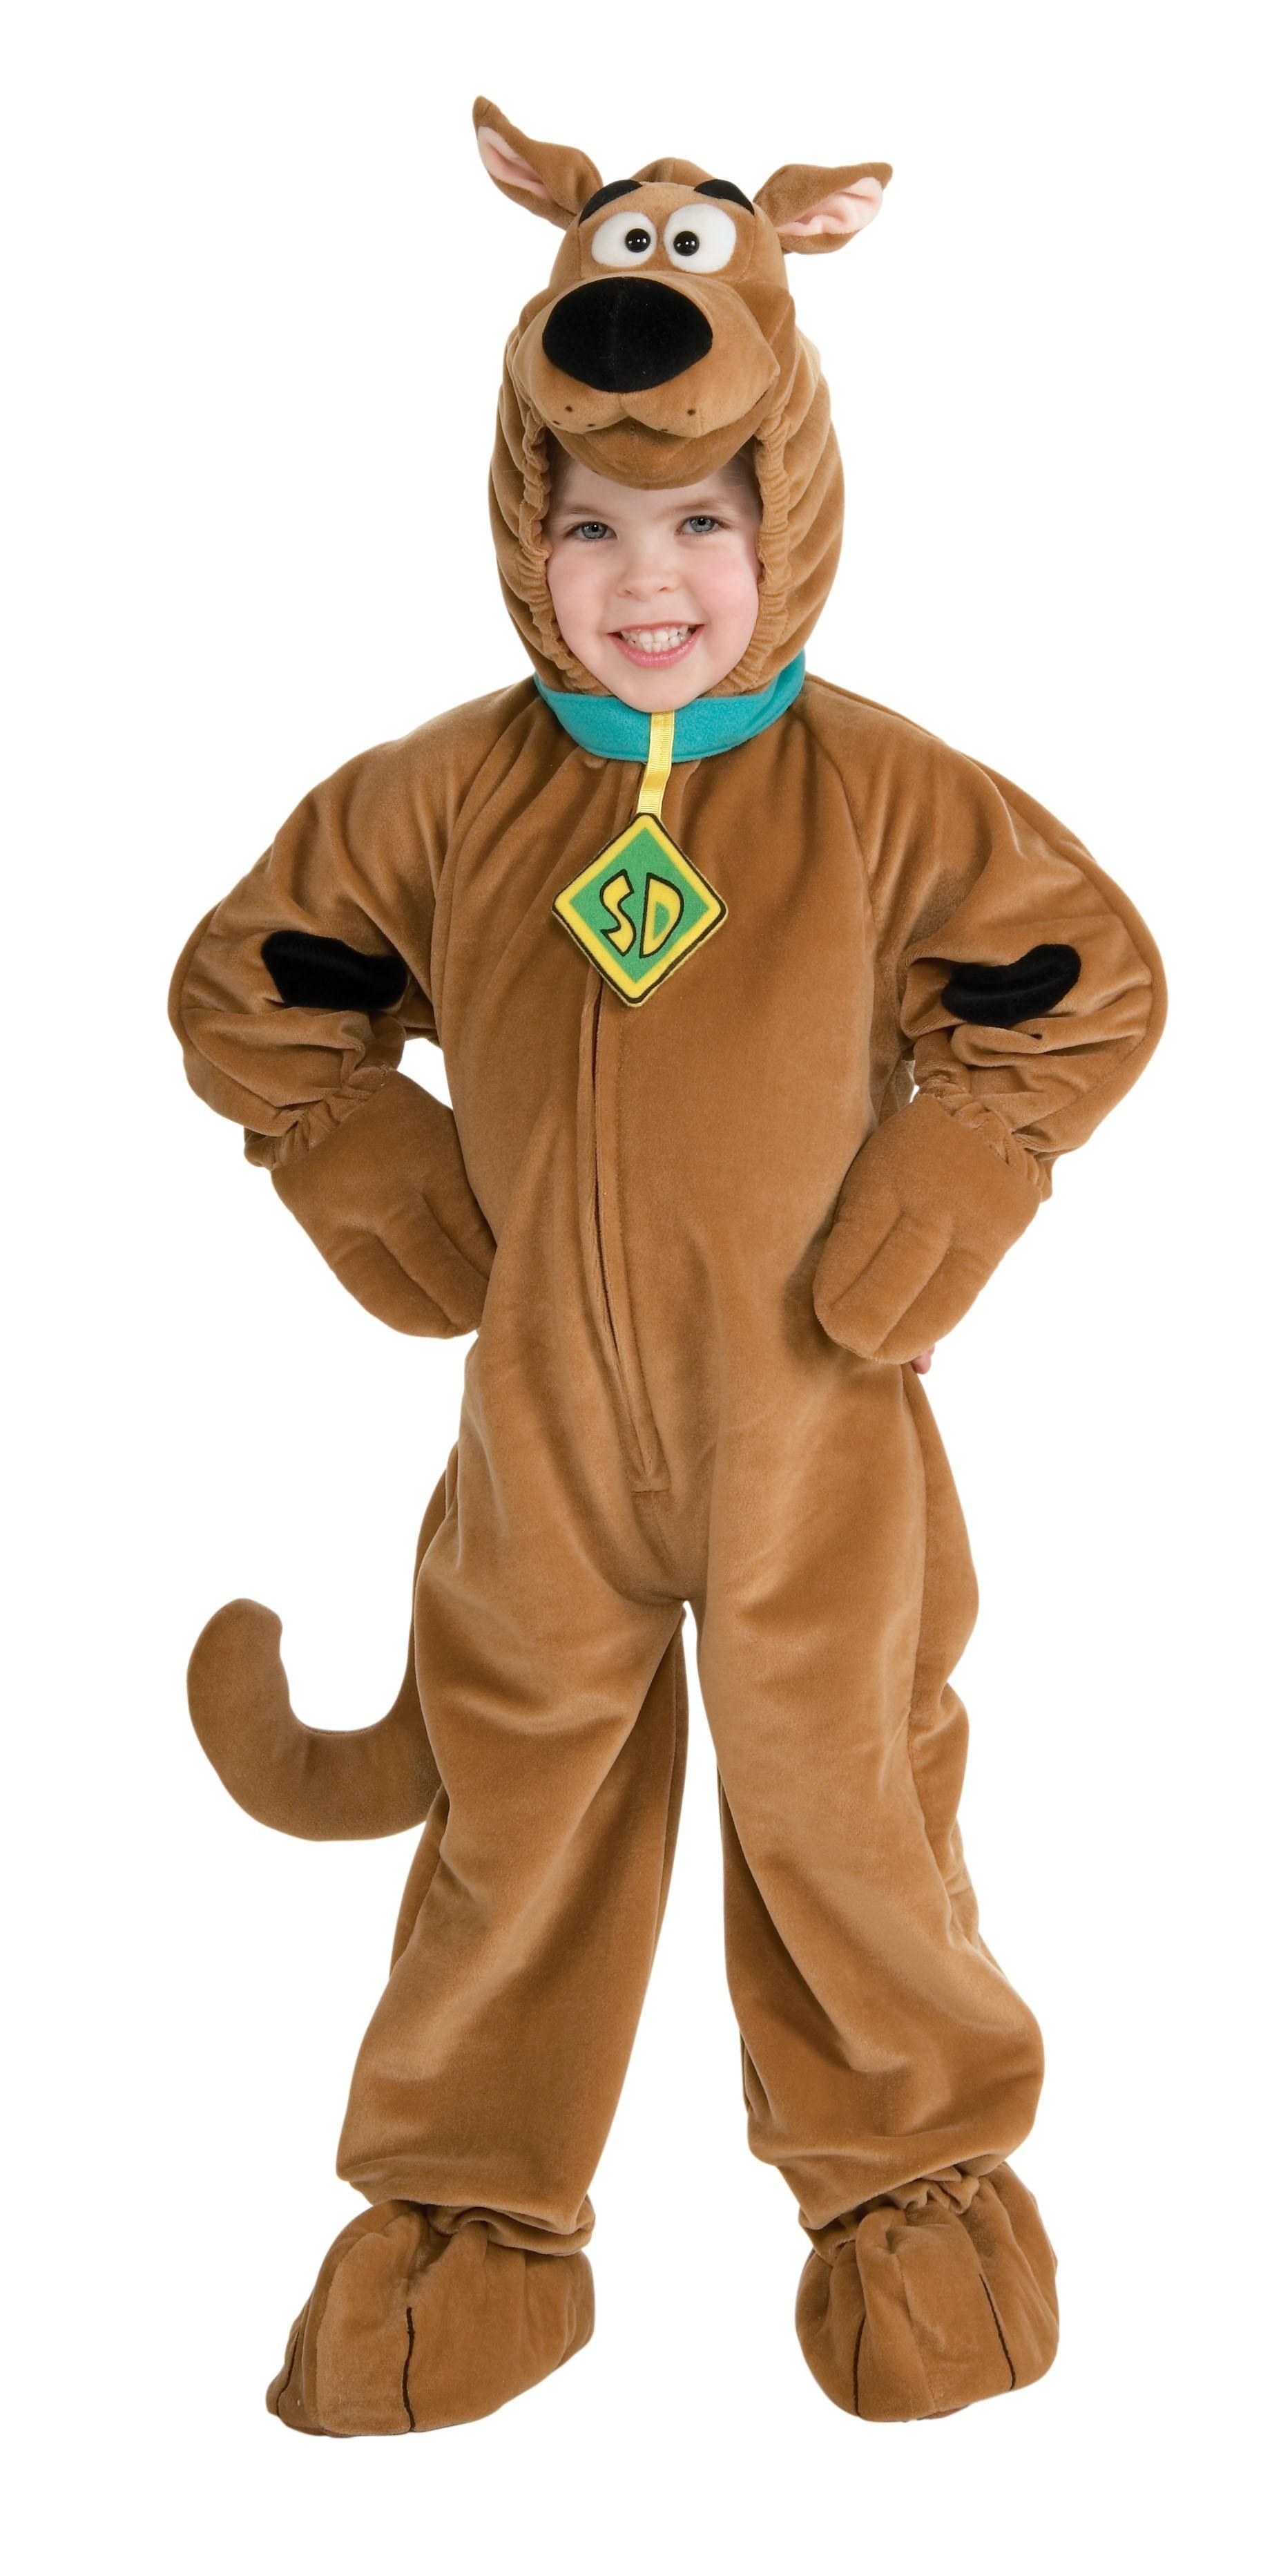 Costume enfant scooby doo luxe vente de d guisements scooby doo et costume enfant scooby doo luxe - Sammy de scooby doo ...